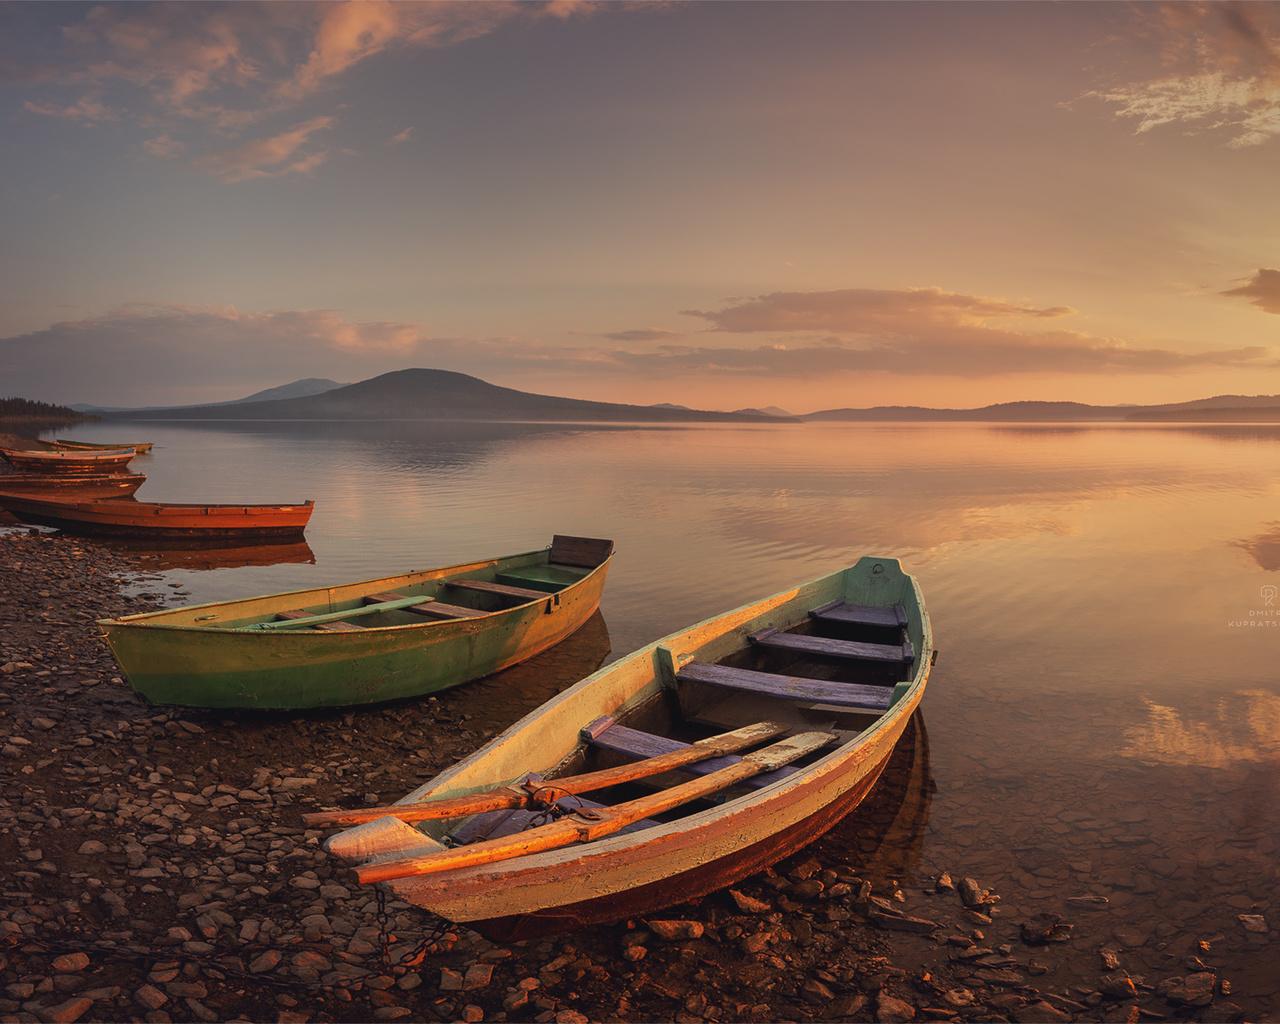 природа, пейзаж, озеро, национальный парк, зюраткуль, лодки, вечер, закат